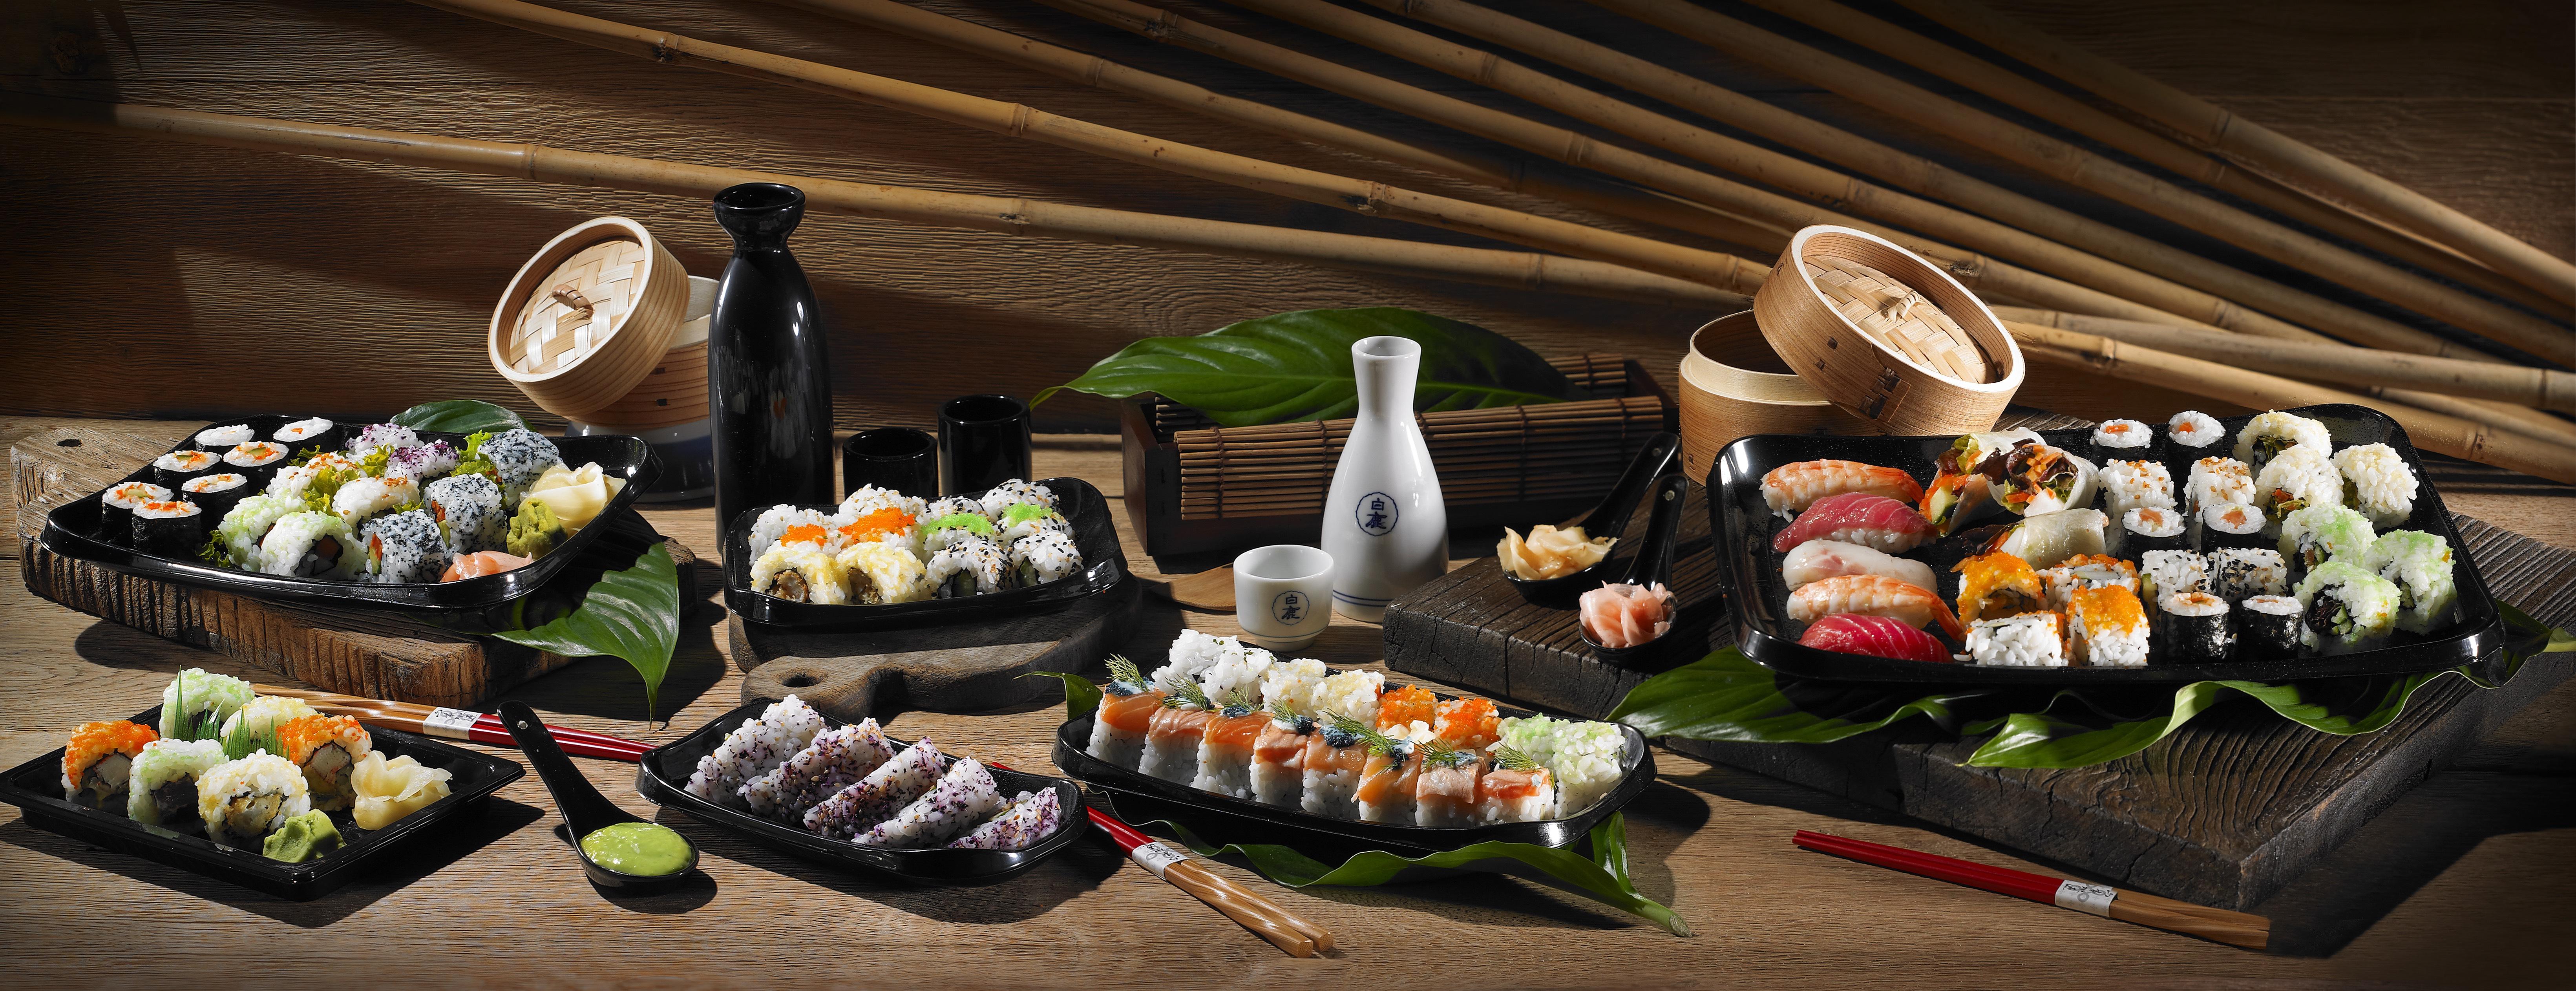 Συσκευασίες για Sushi